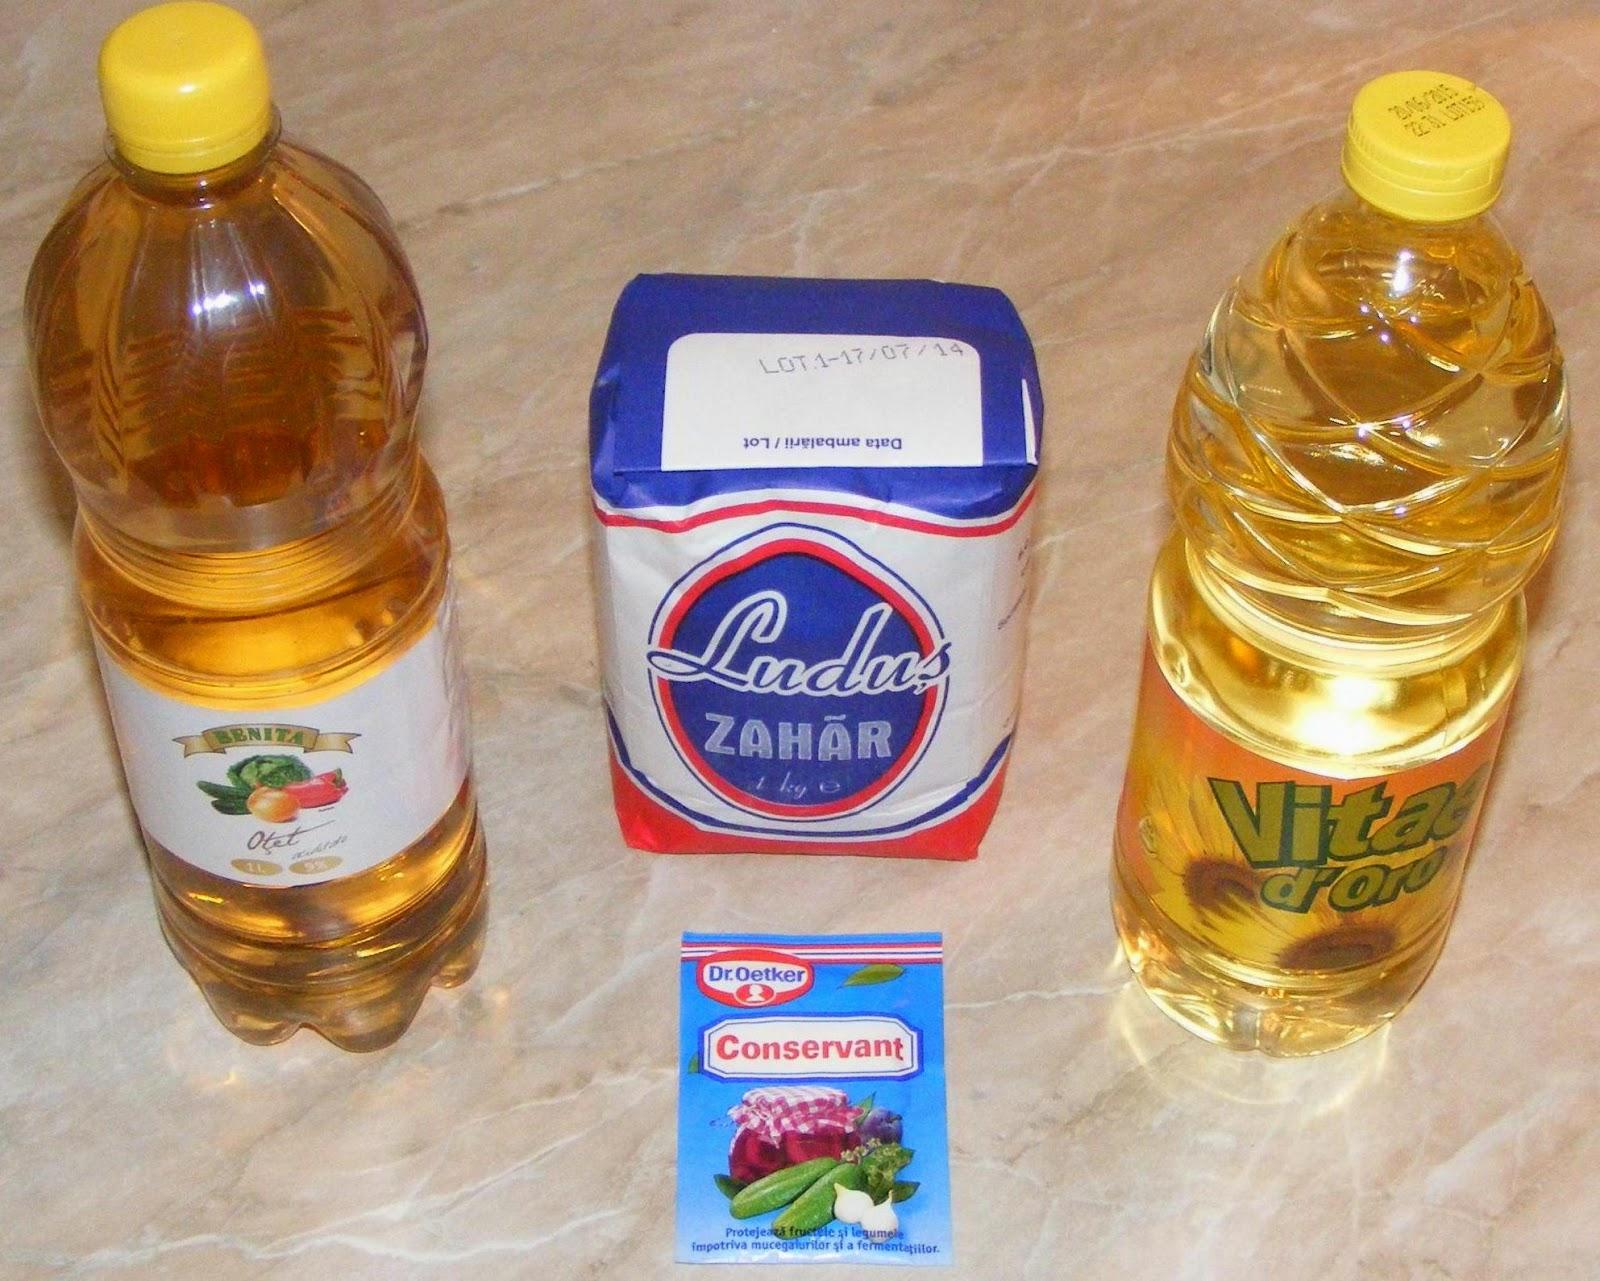 retete si preparate culinare ingrediente salata de muraturi asortate, otet zahar ulei si conservant pentru muraturi,